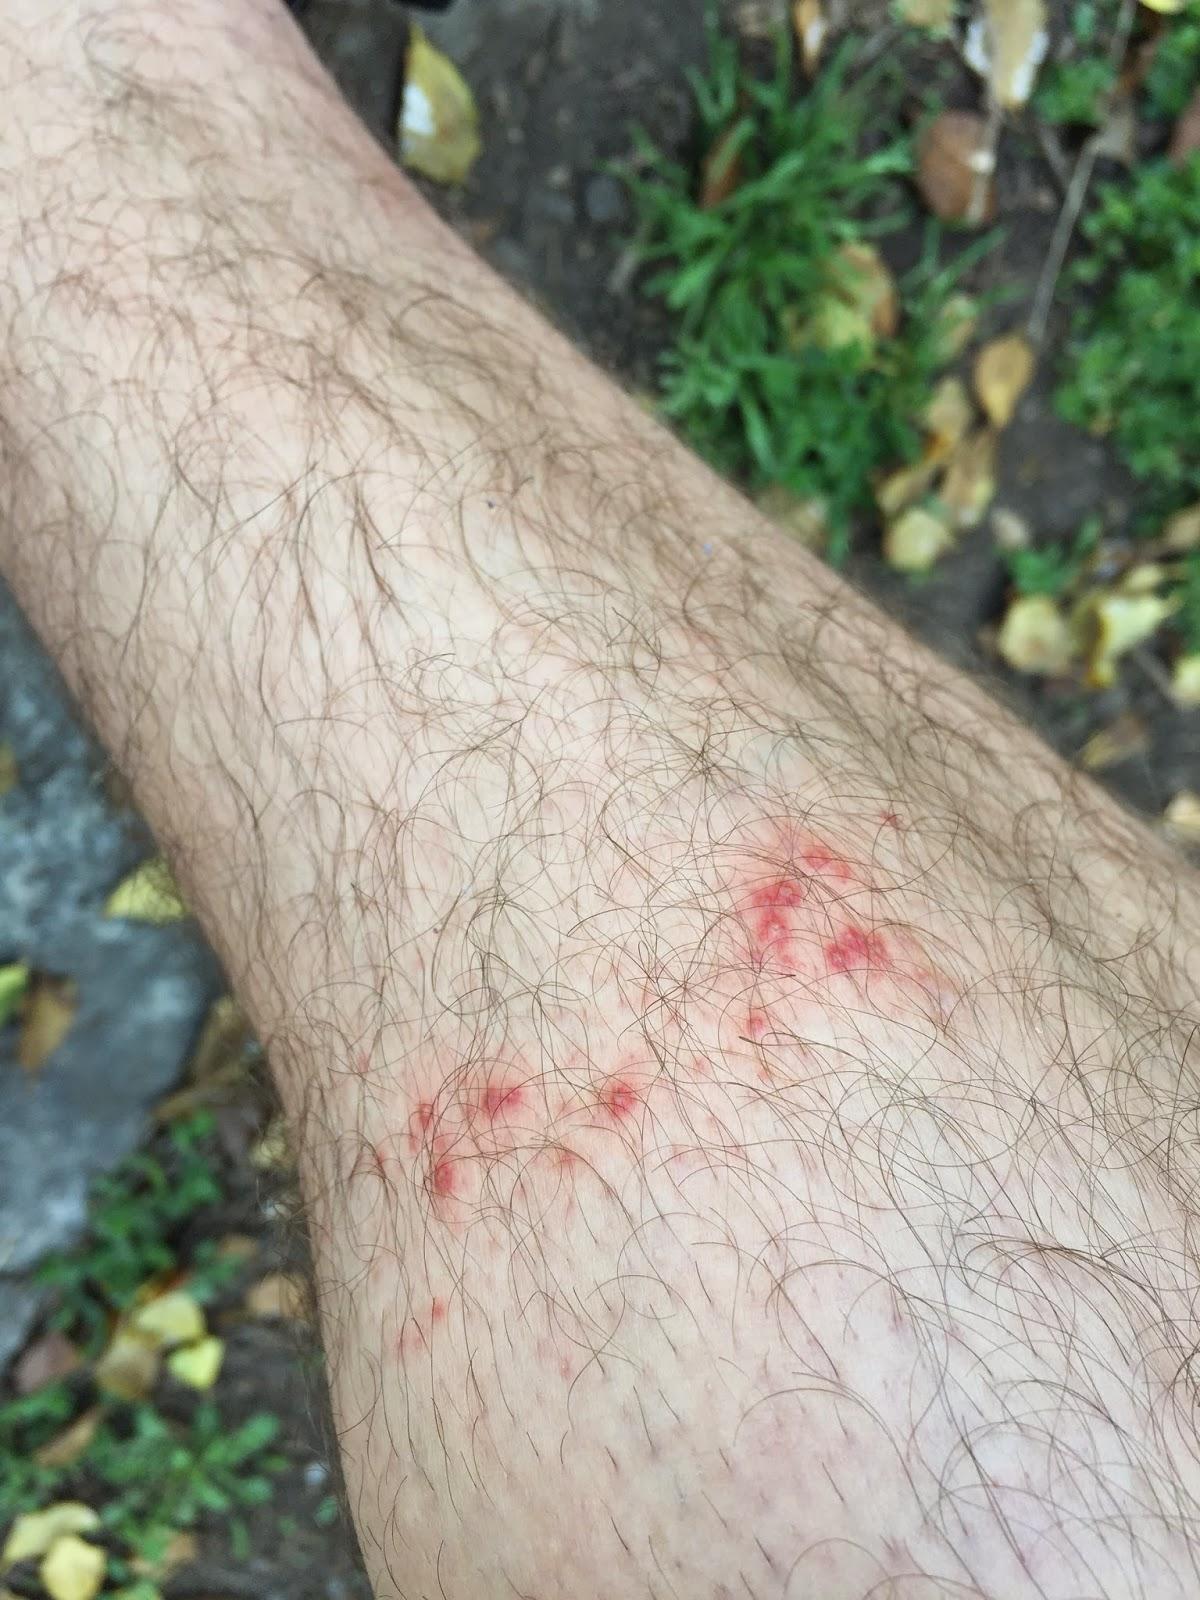 Chigger Bites